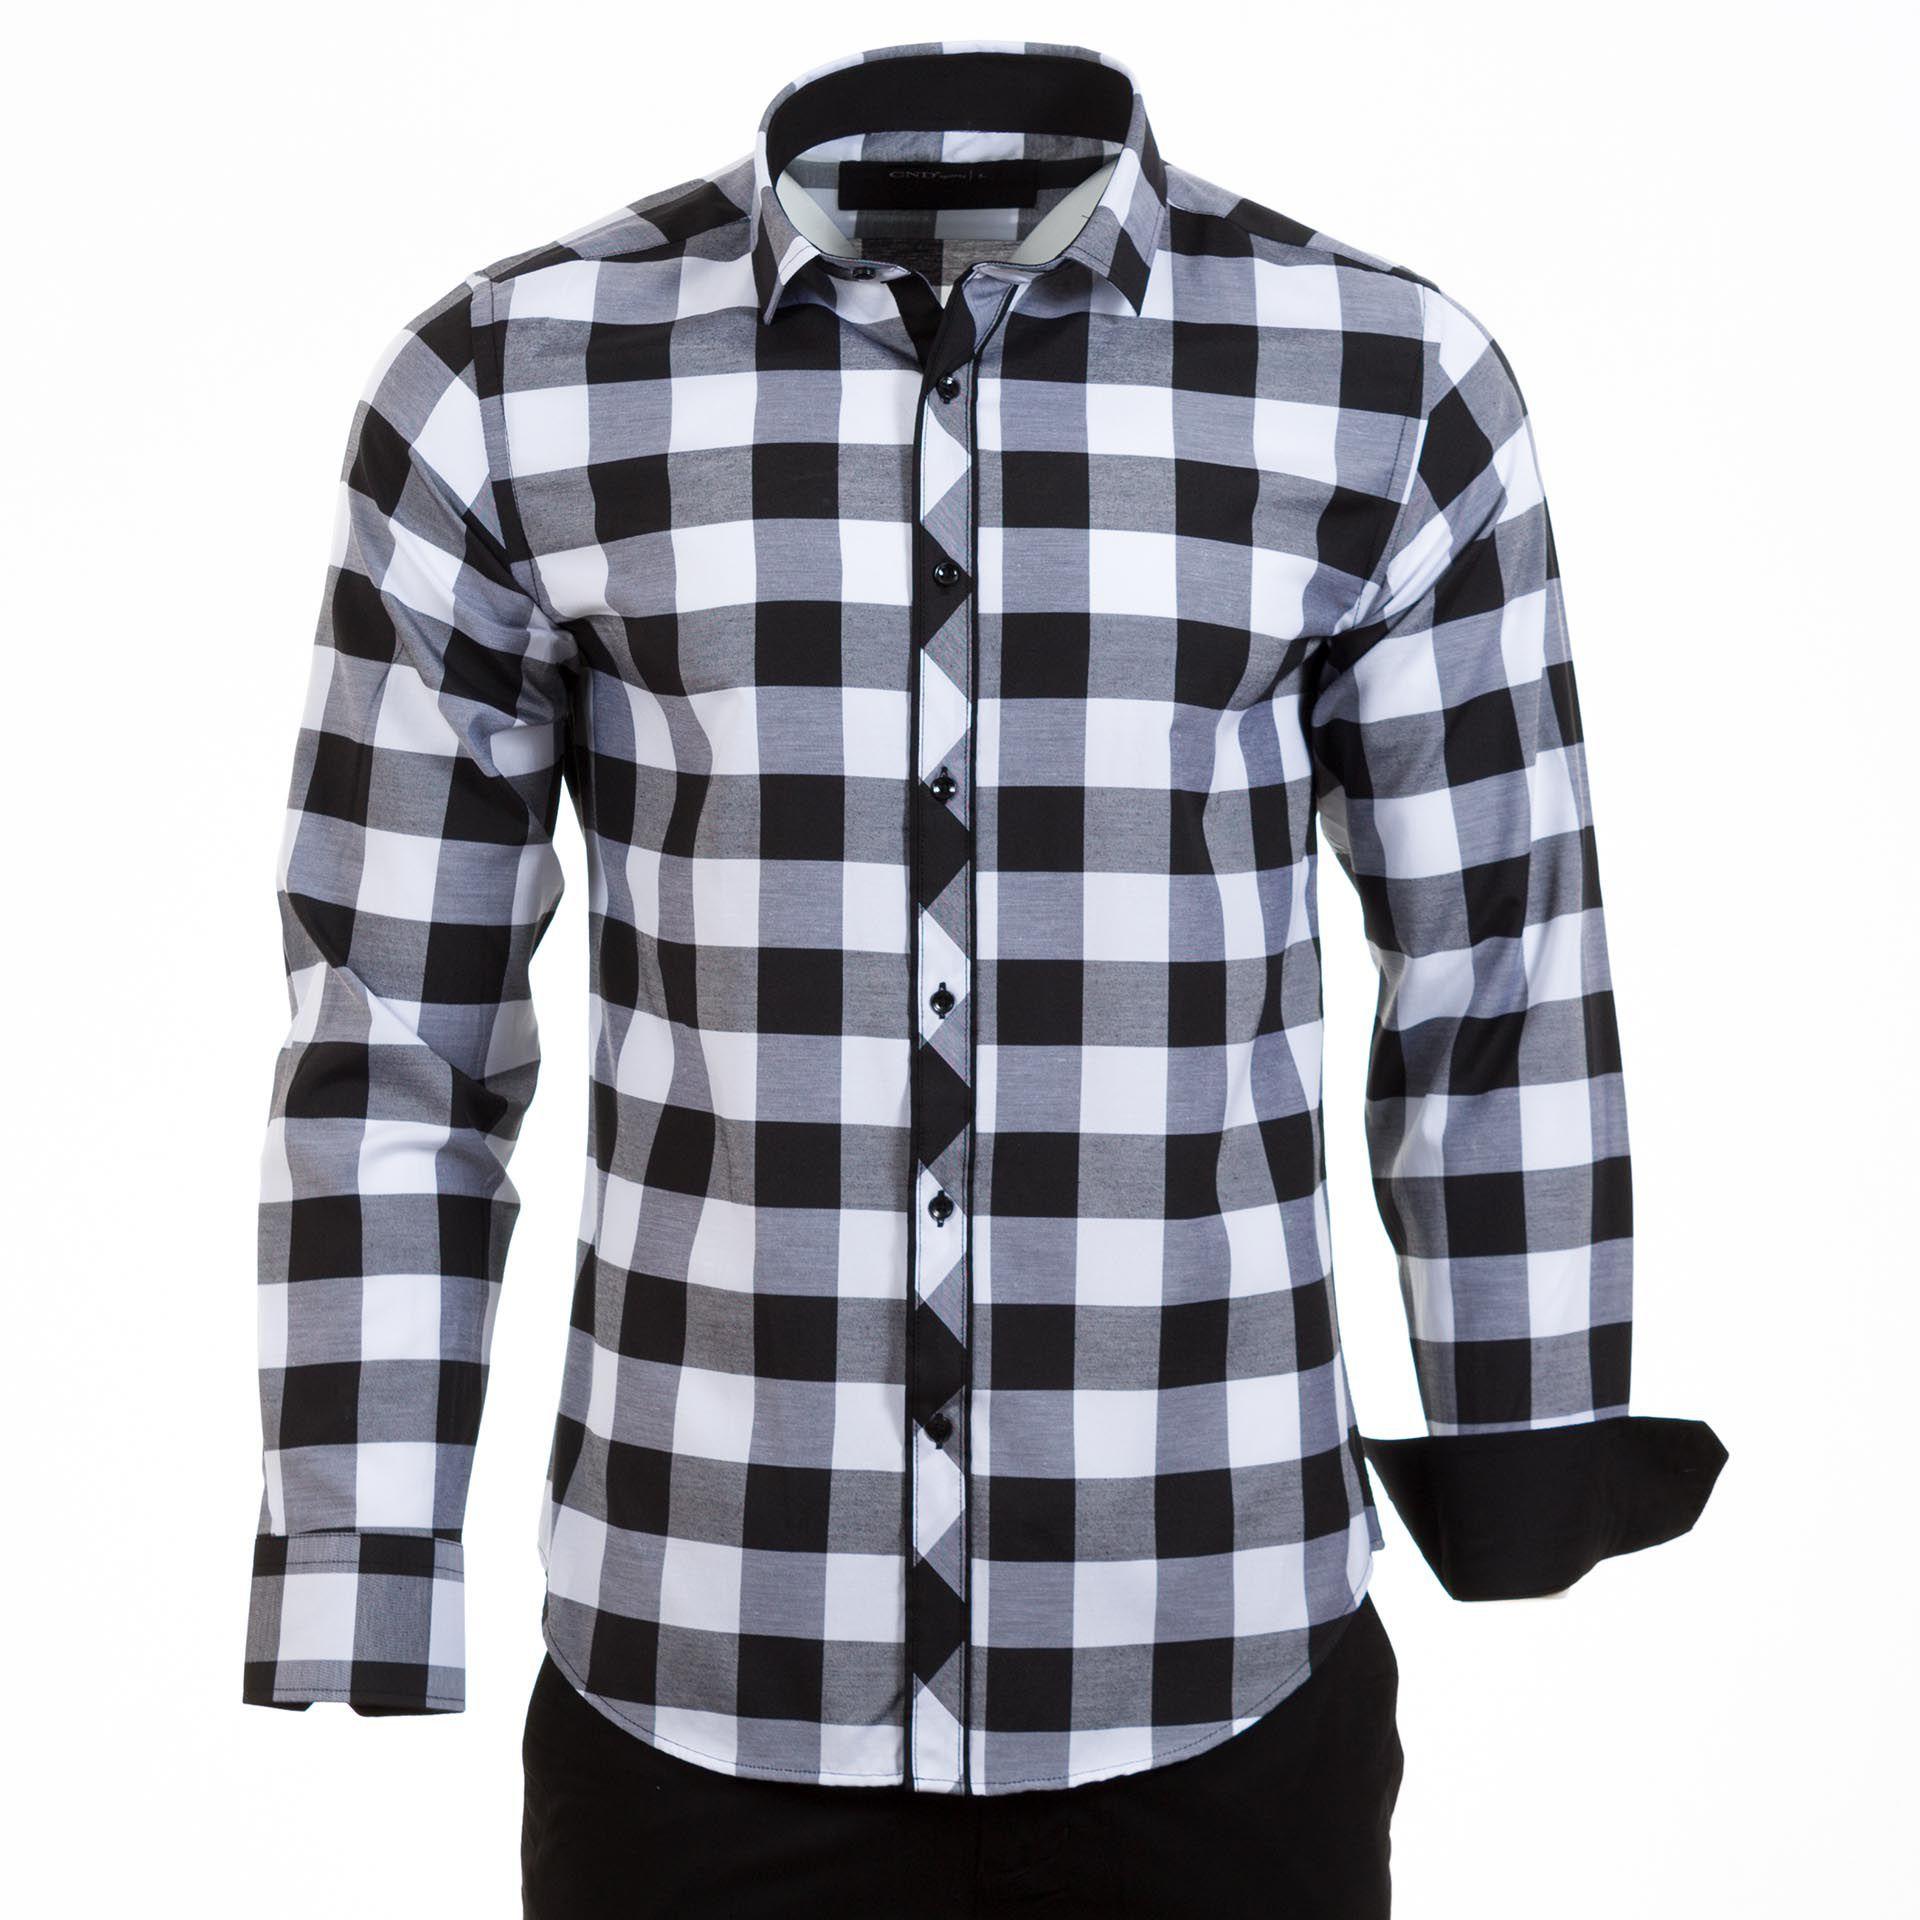 Καρό Μακρυμάνικο Πουκάμισο CND Shirts 900-6 Μαύρο  46e241f720d